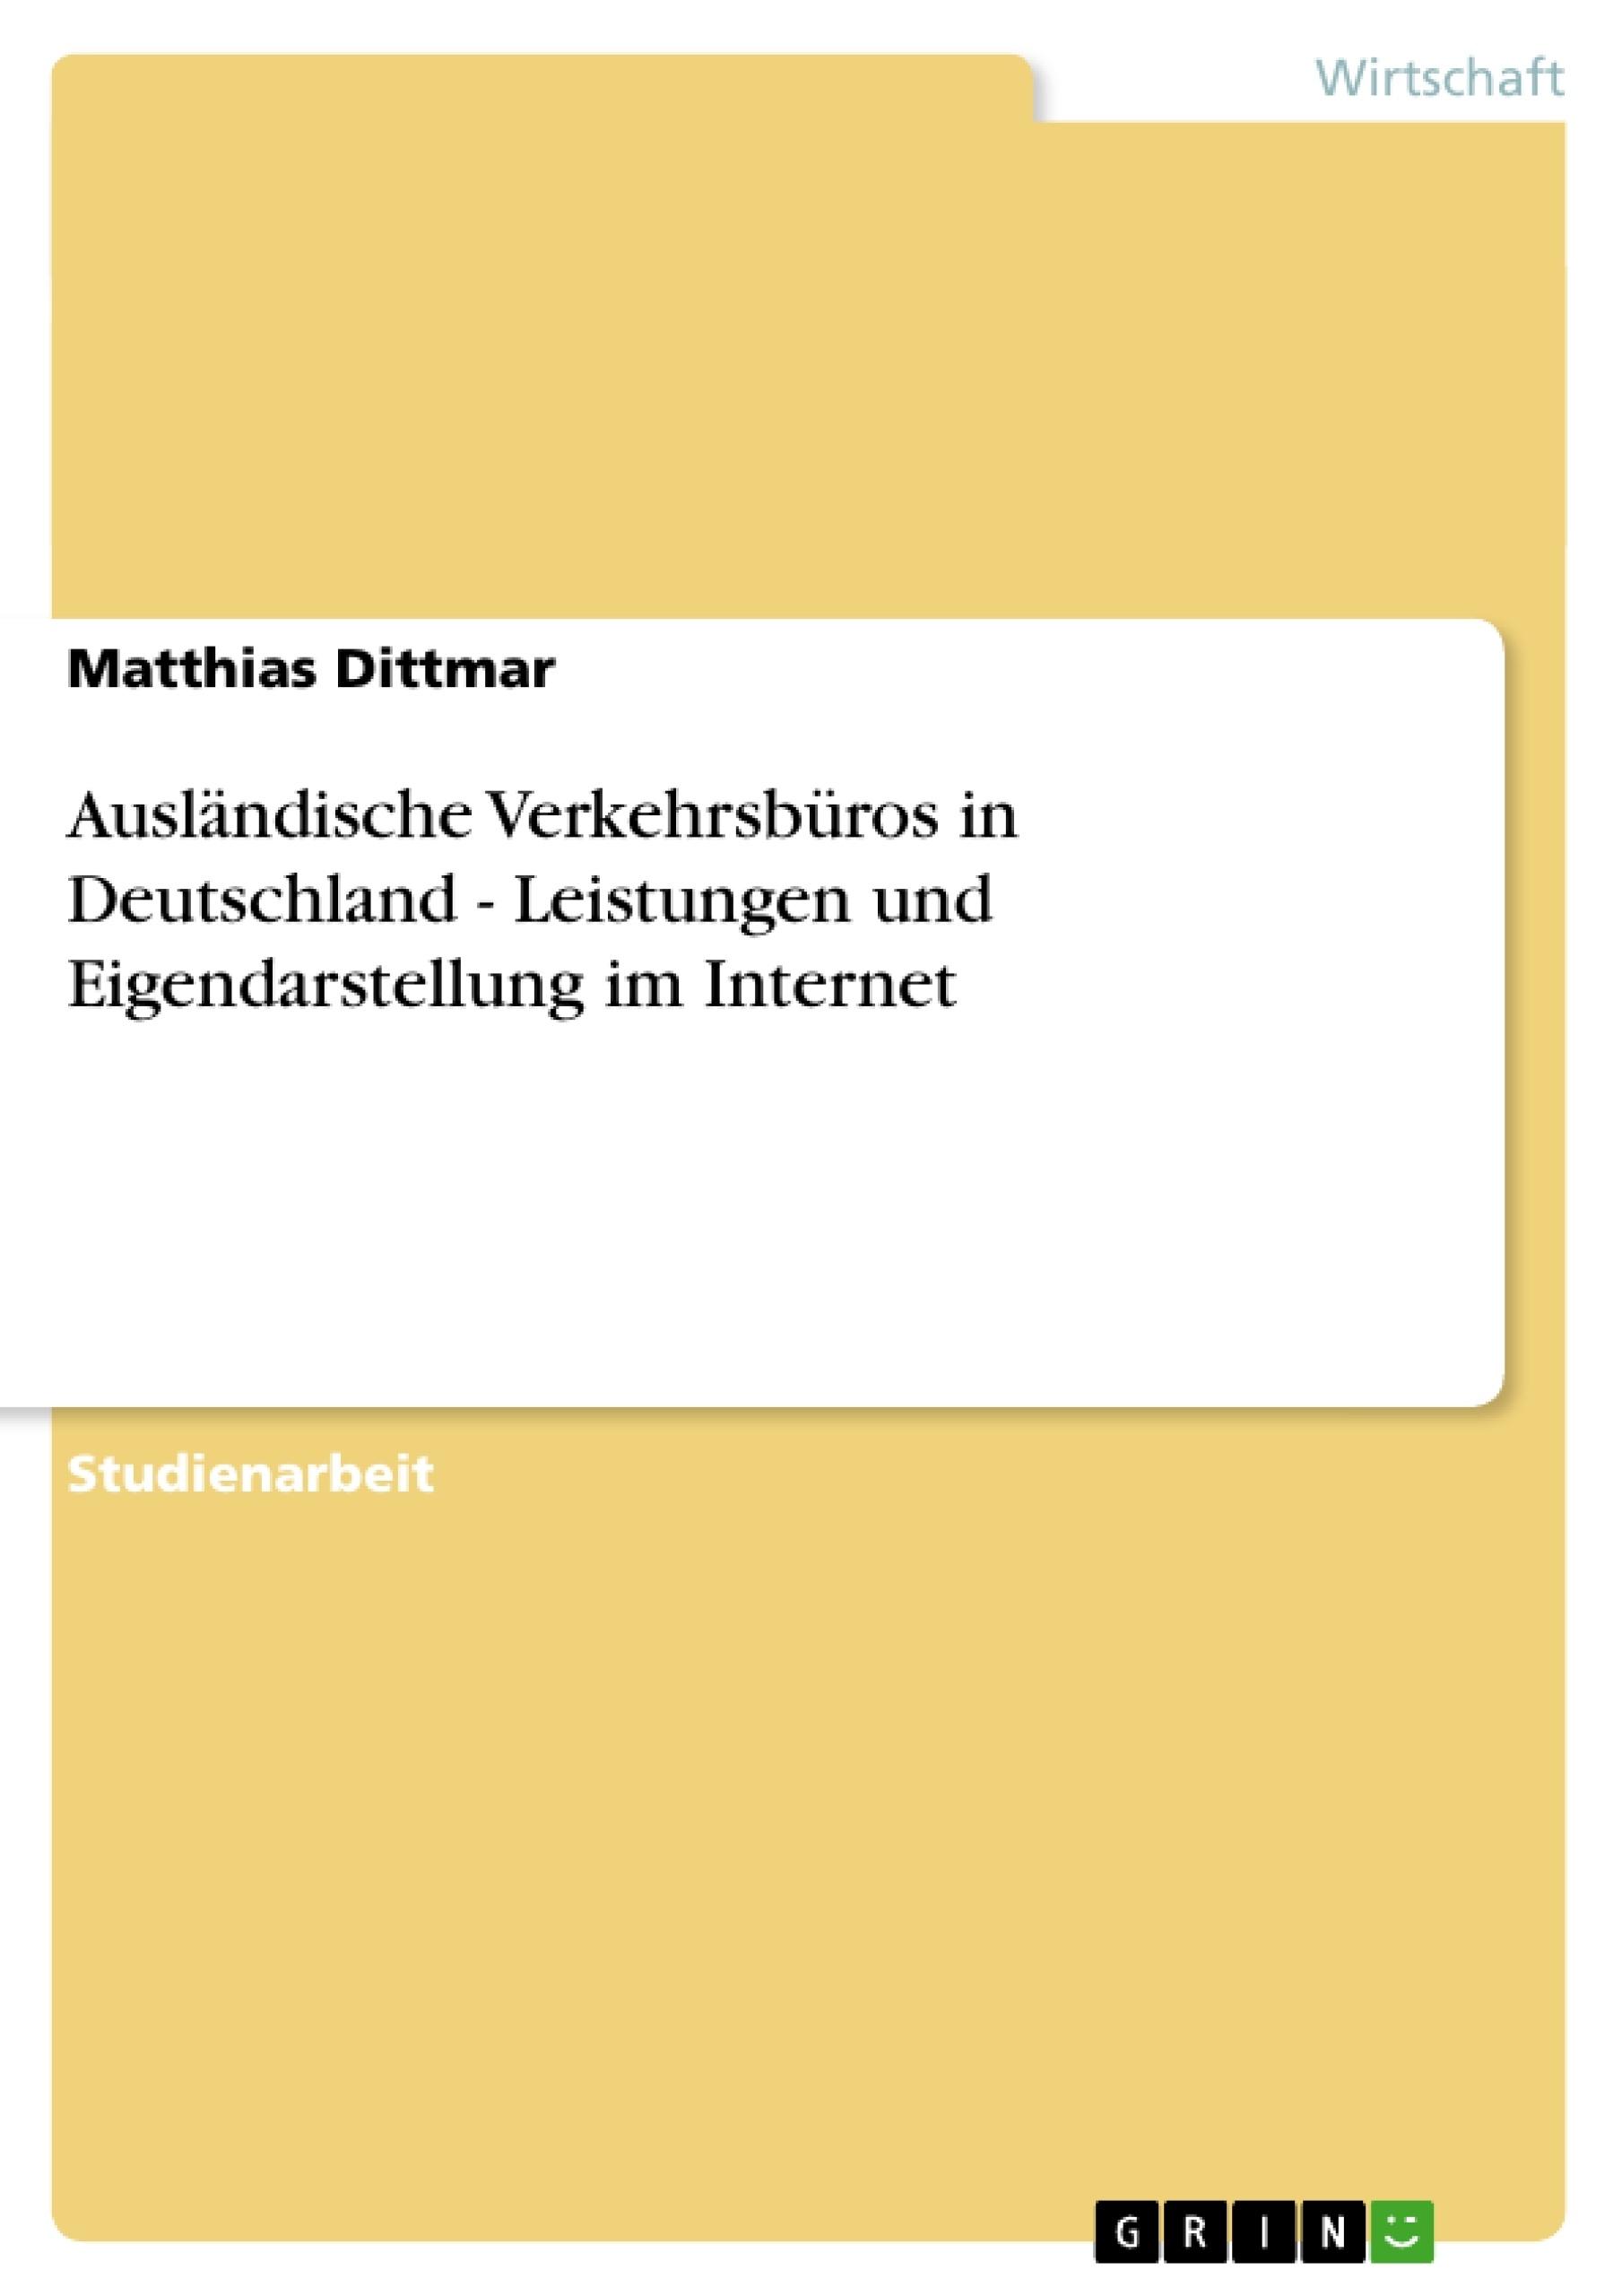 Titel: Ausländische Verkehrsbüros in Deutschland - Leistungen und Eigendarstellung im Internet